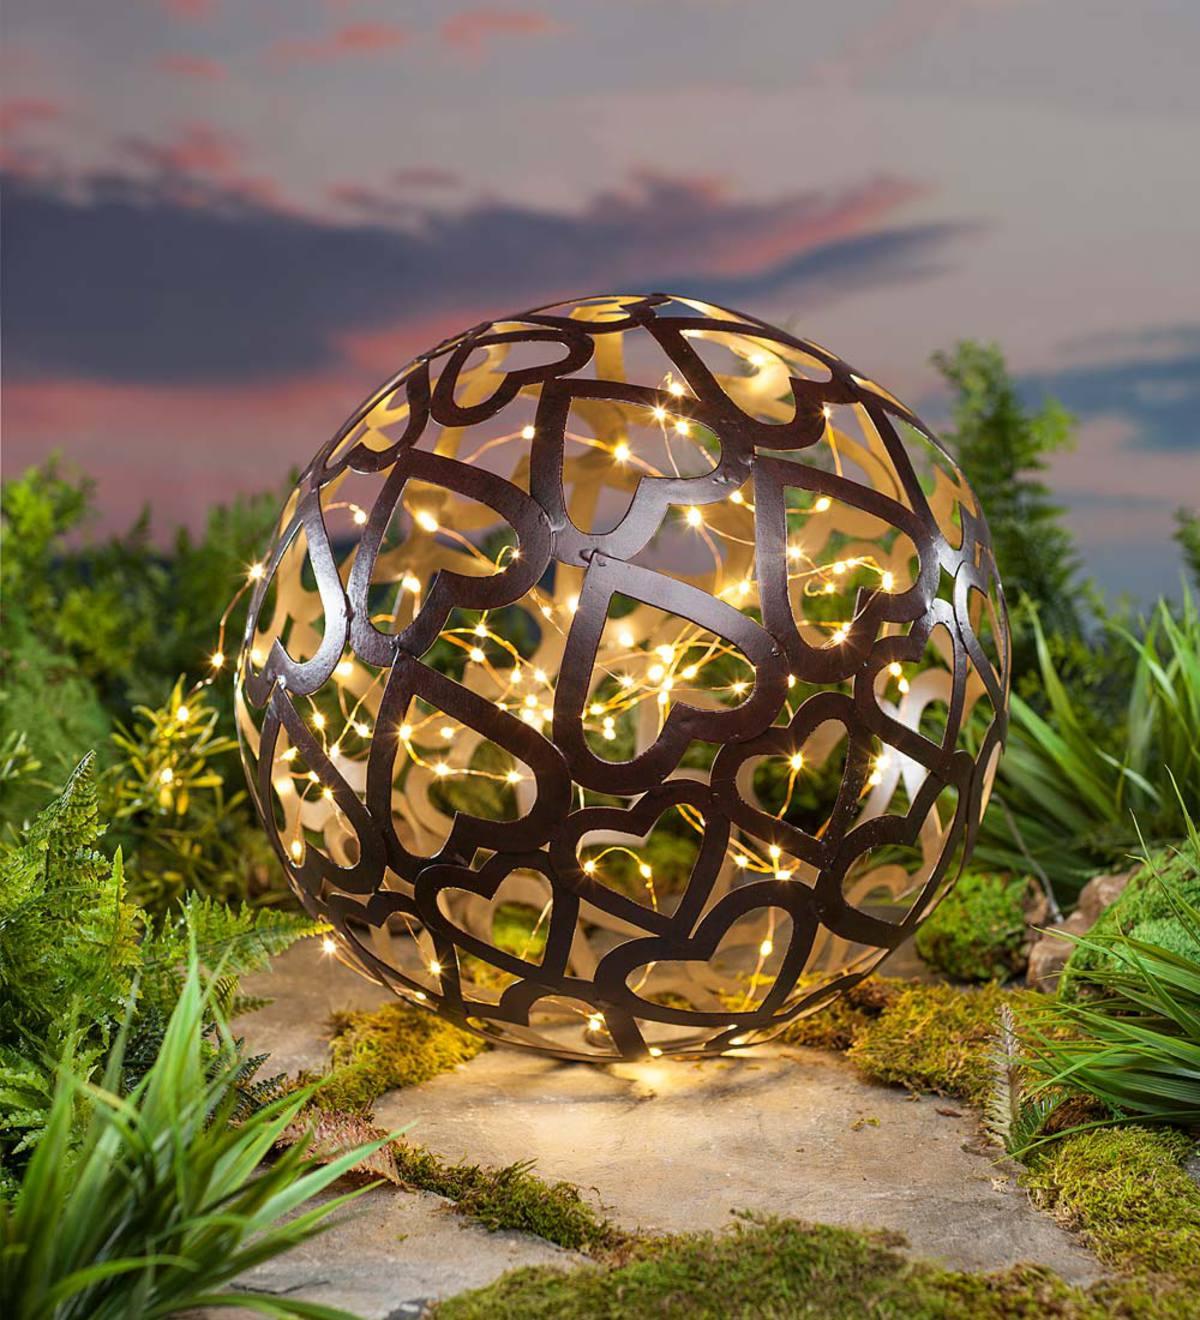 Large Metal Heart Ball | Garden Sculptures | Garden Décor by Type ...